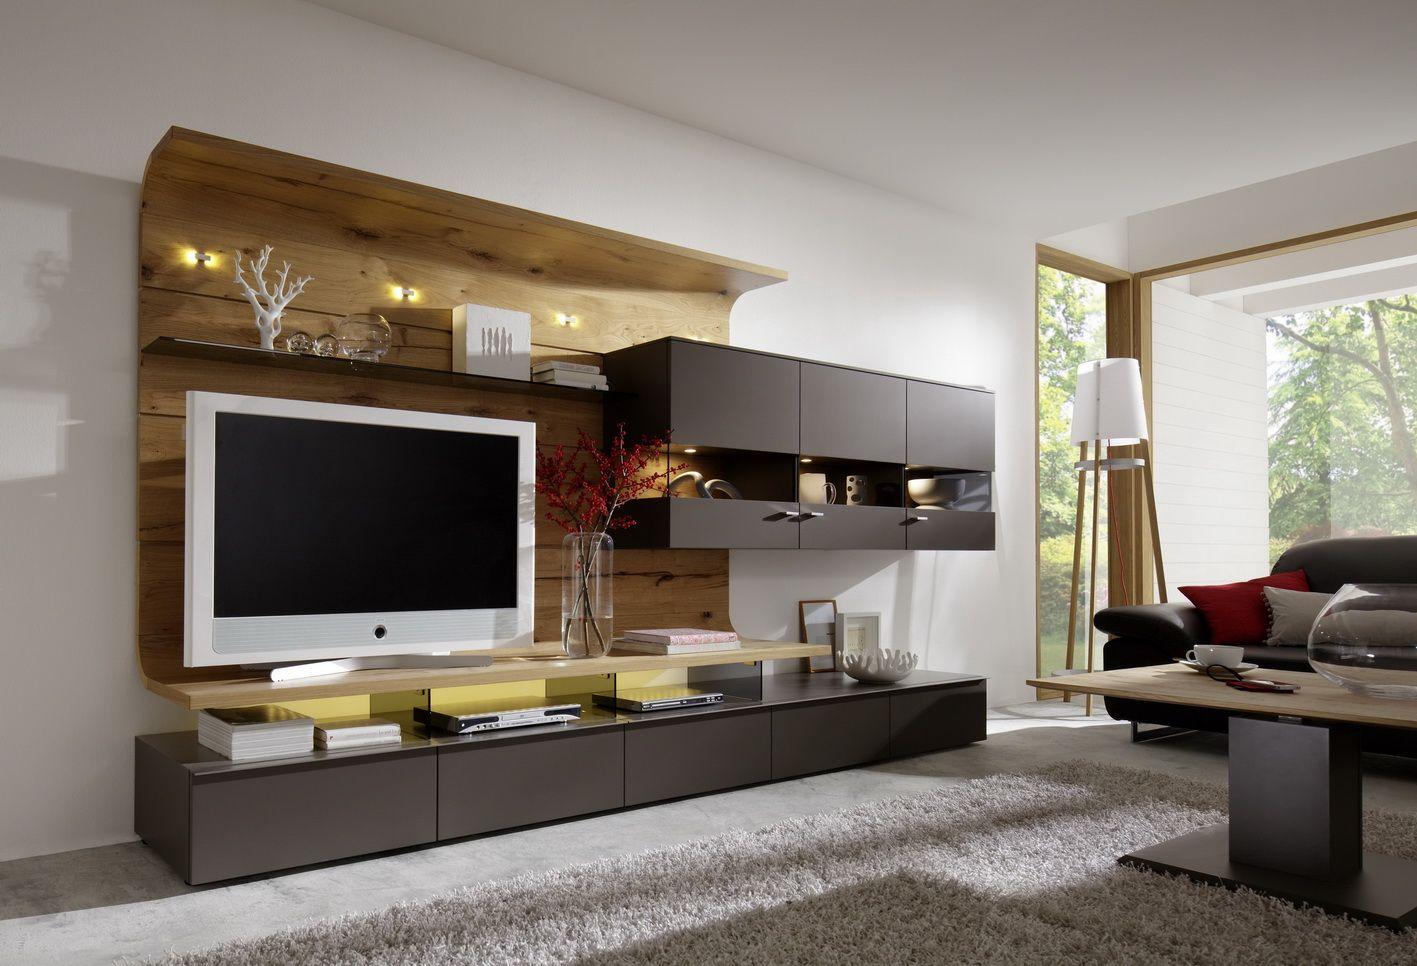 Merveilleux #möbel #madeingermany #furniture #gwinner #wohndesign #design #wohnzimmer  #livingroom